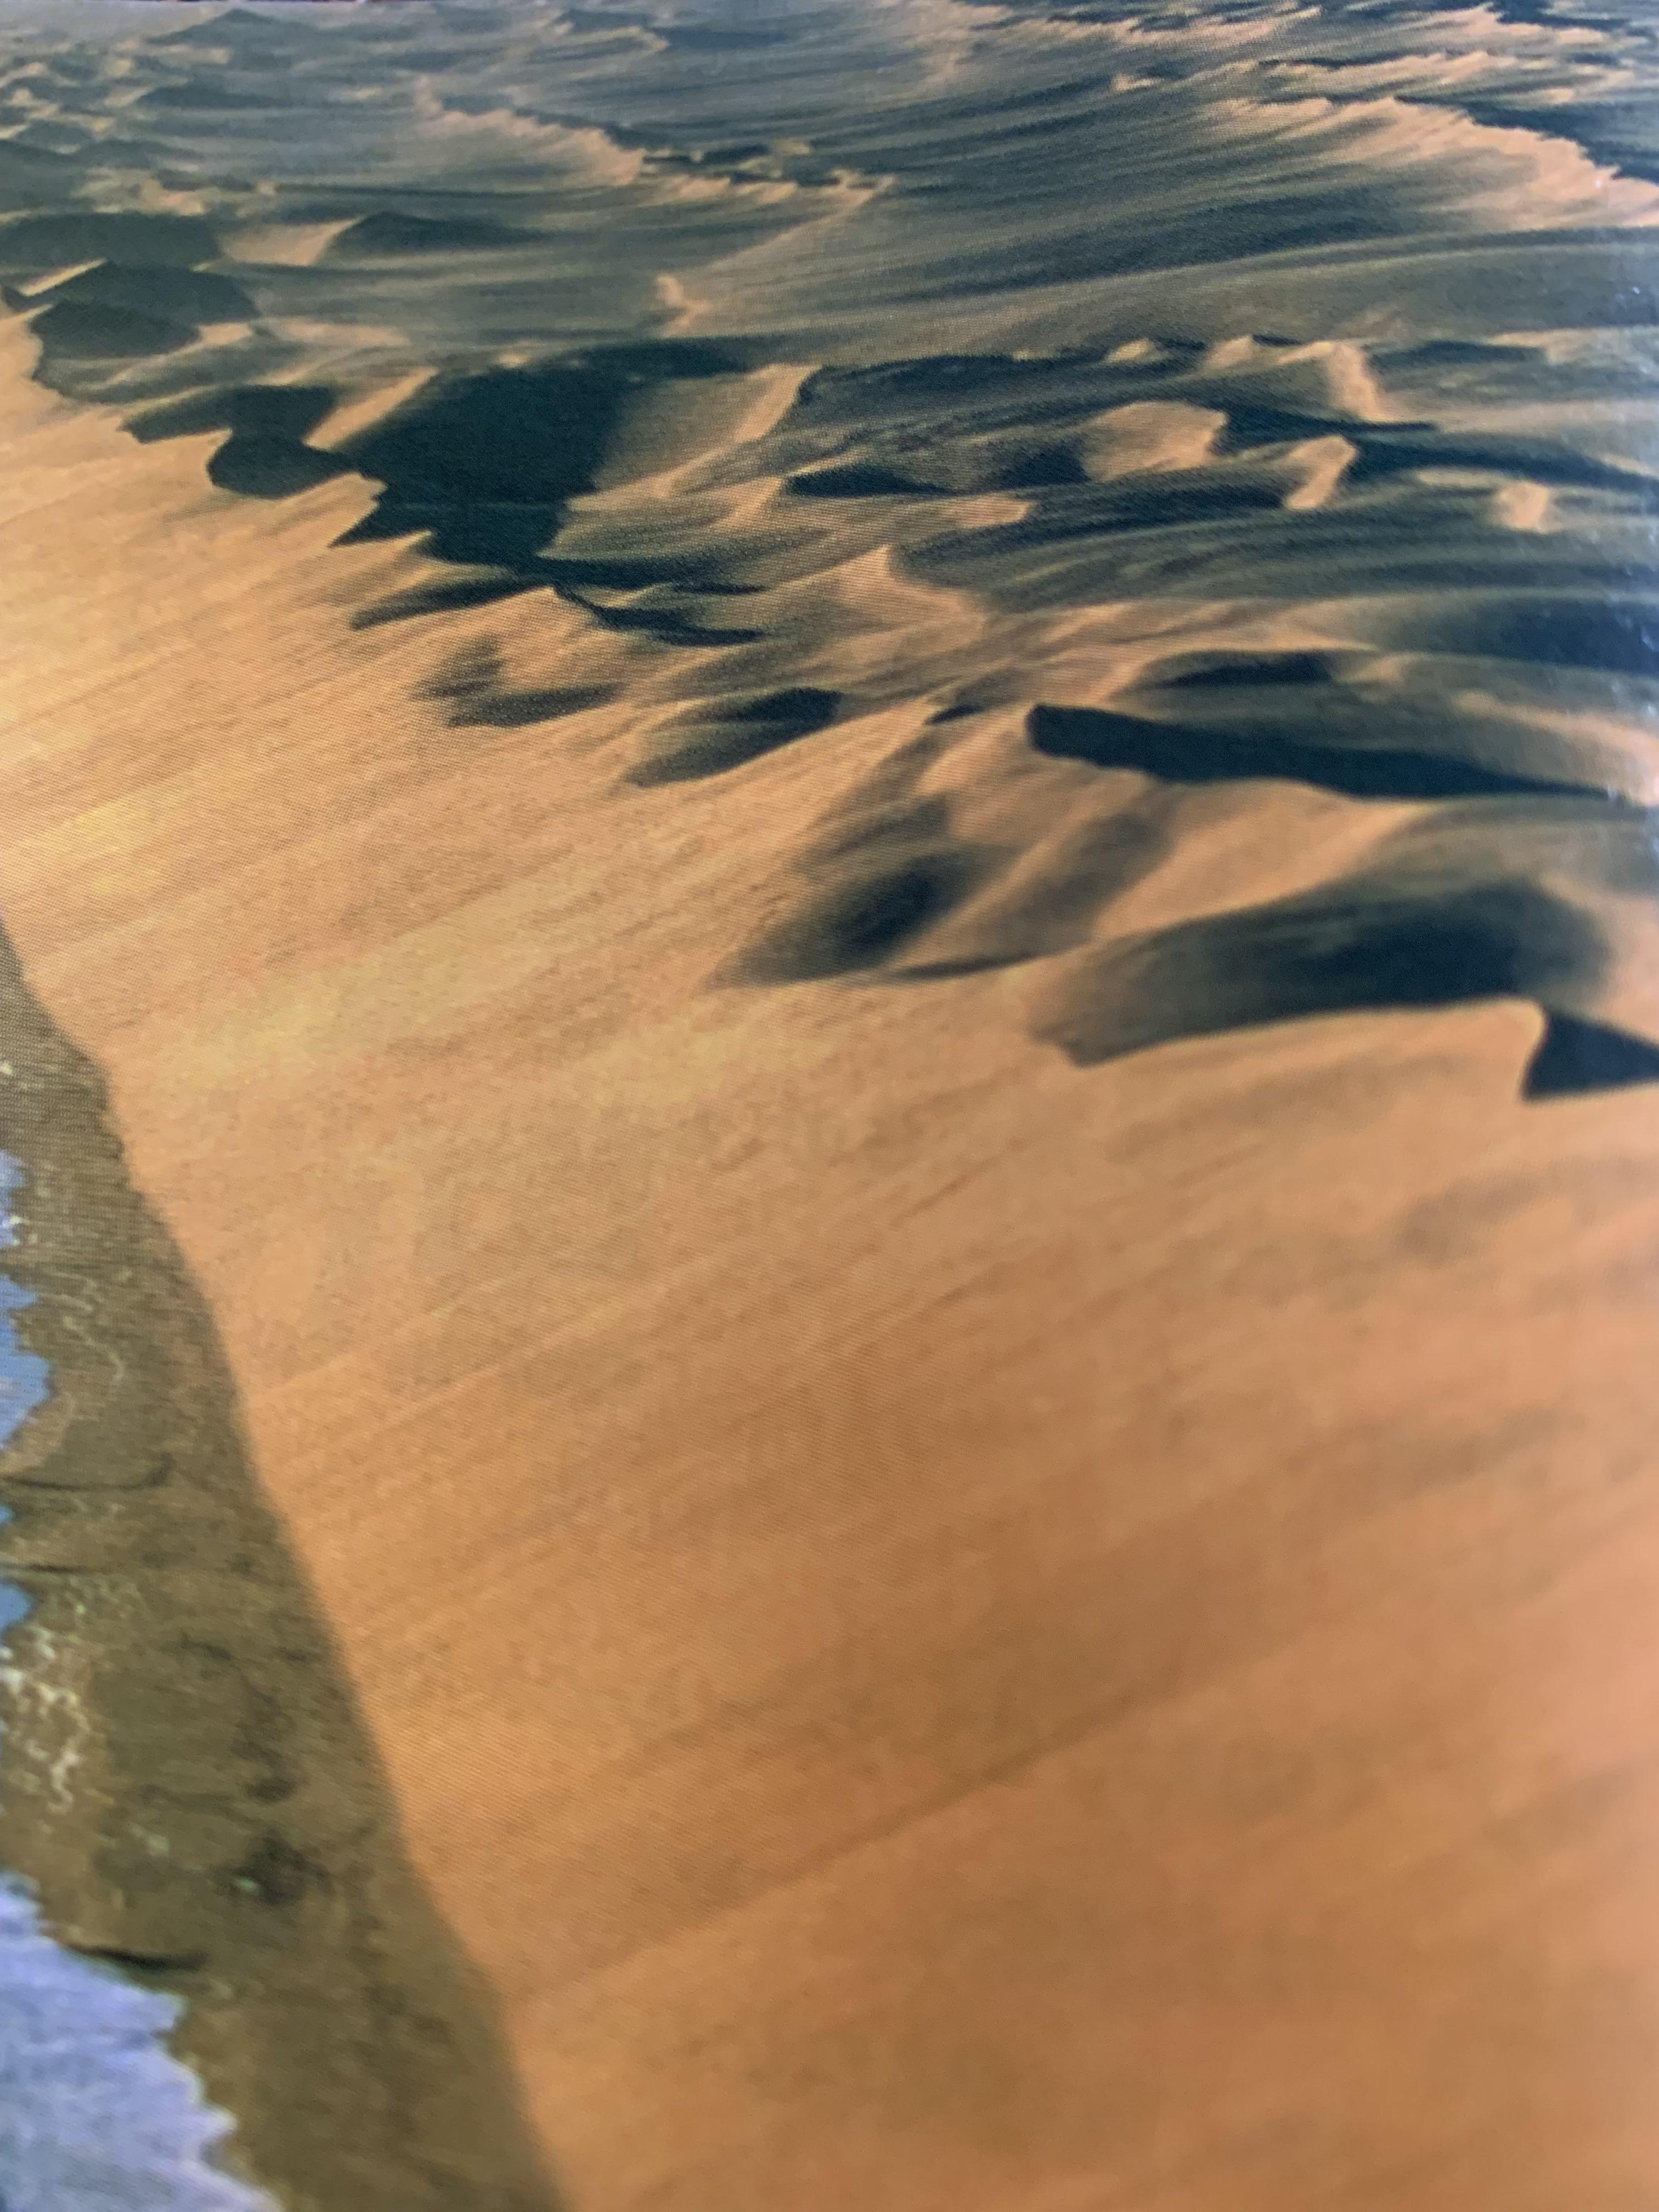 アフリカナミビアのナミブ砂漠黄金色の骸骨海岸の魅力